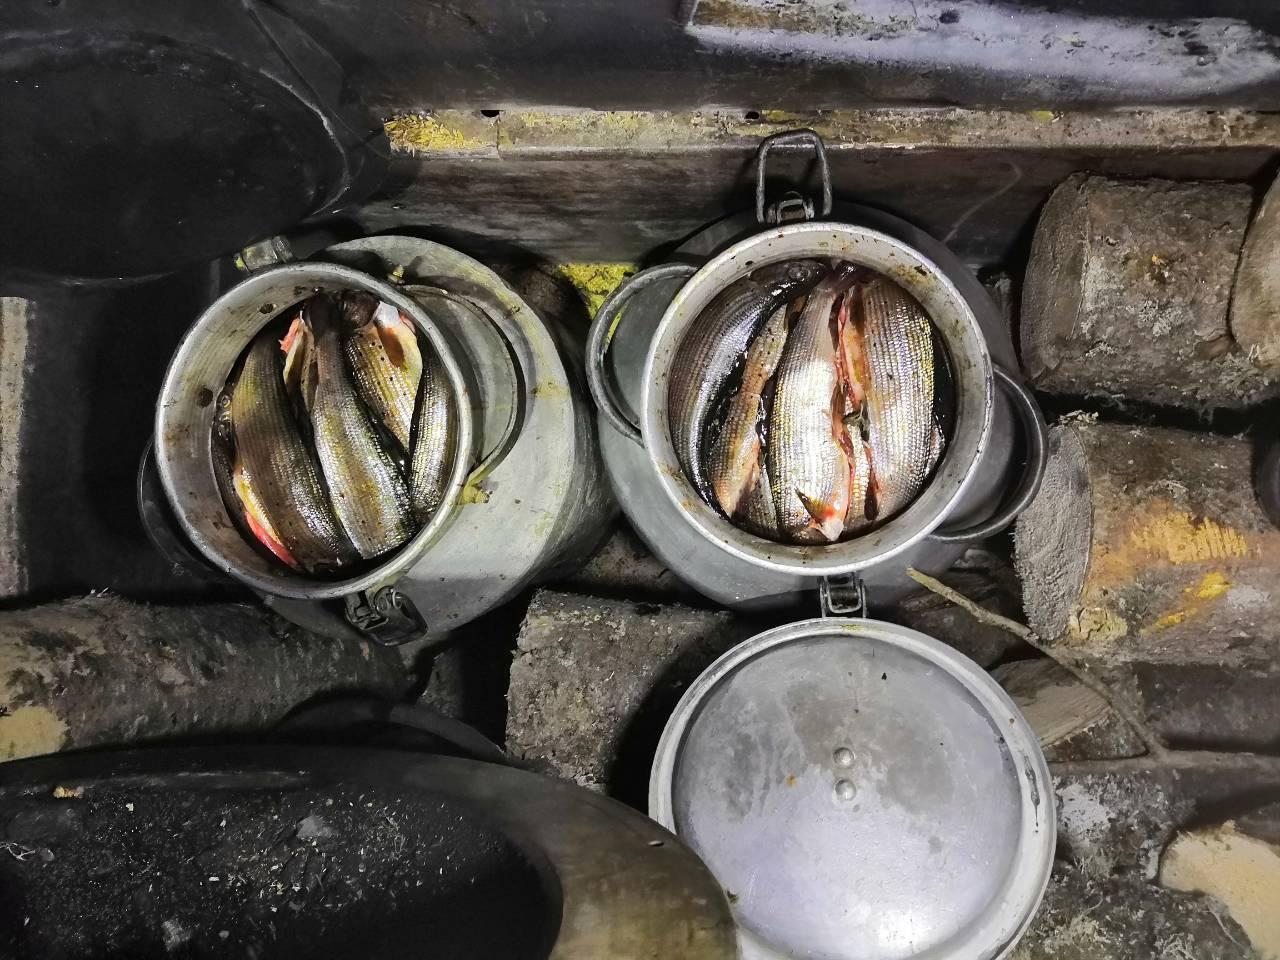 При содействии росгвардейцев выявлена незаконная траспортировка рыбы